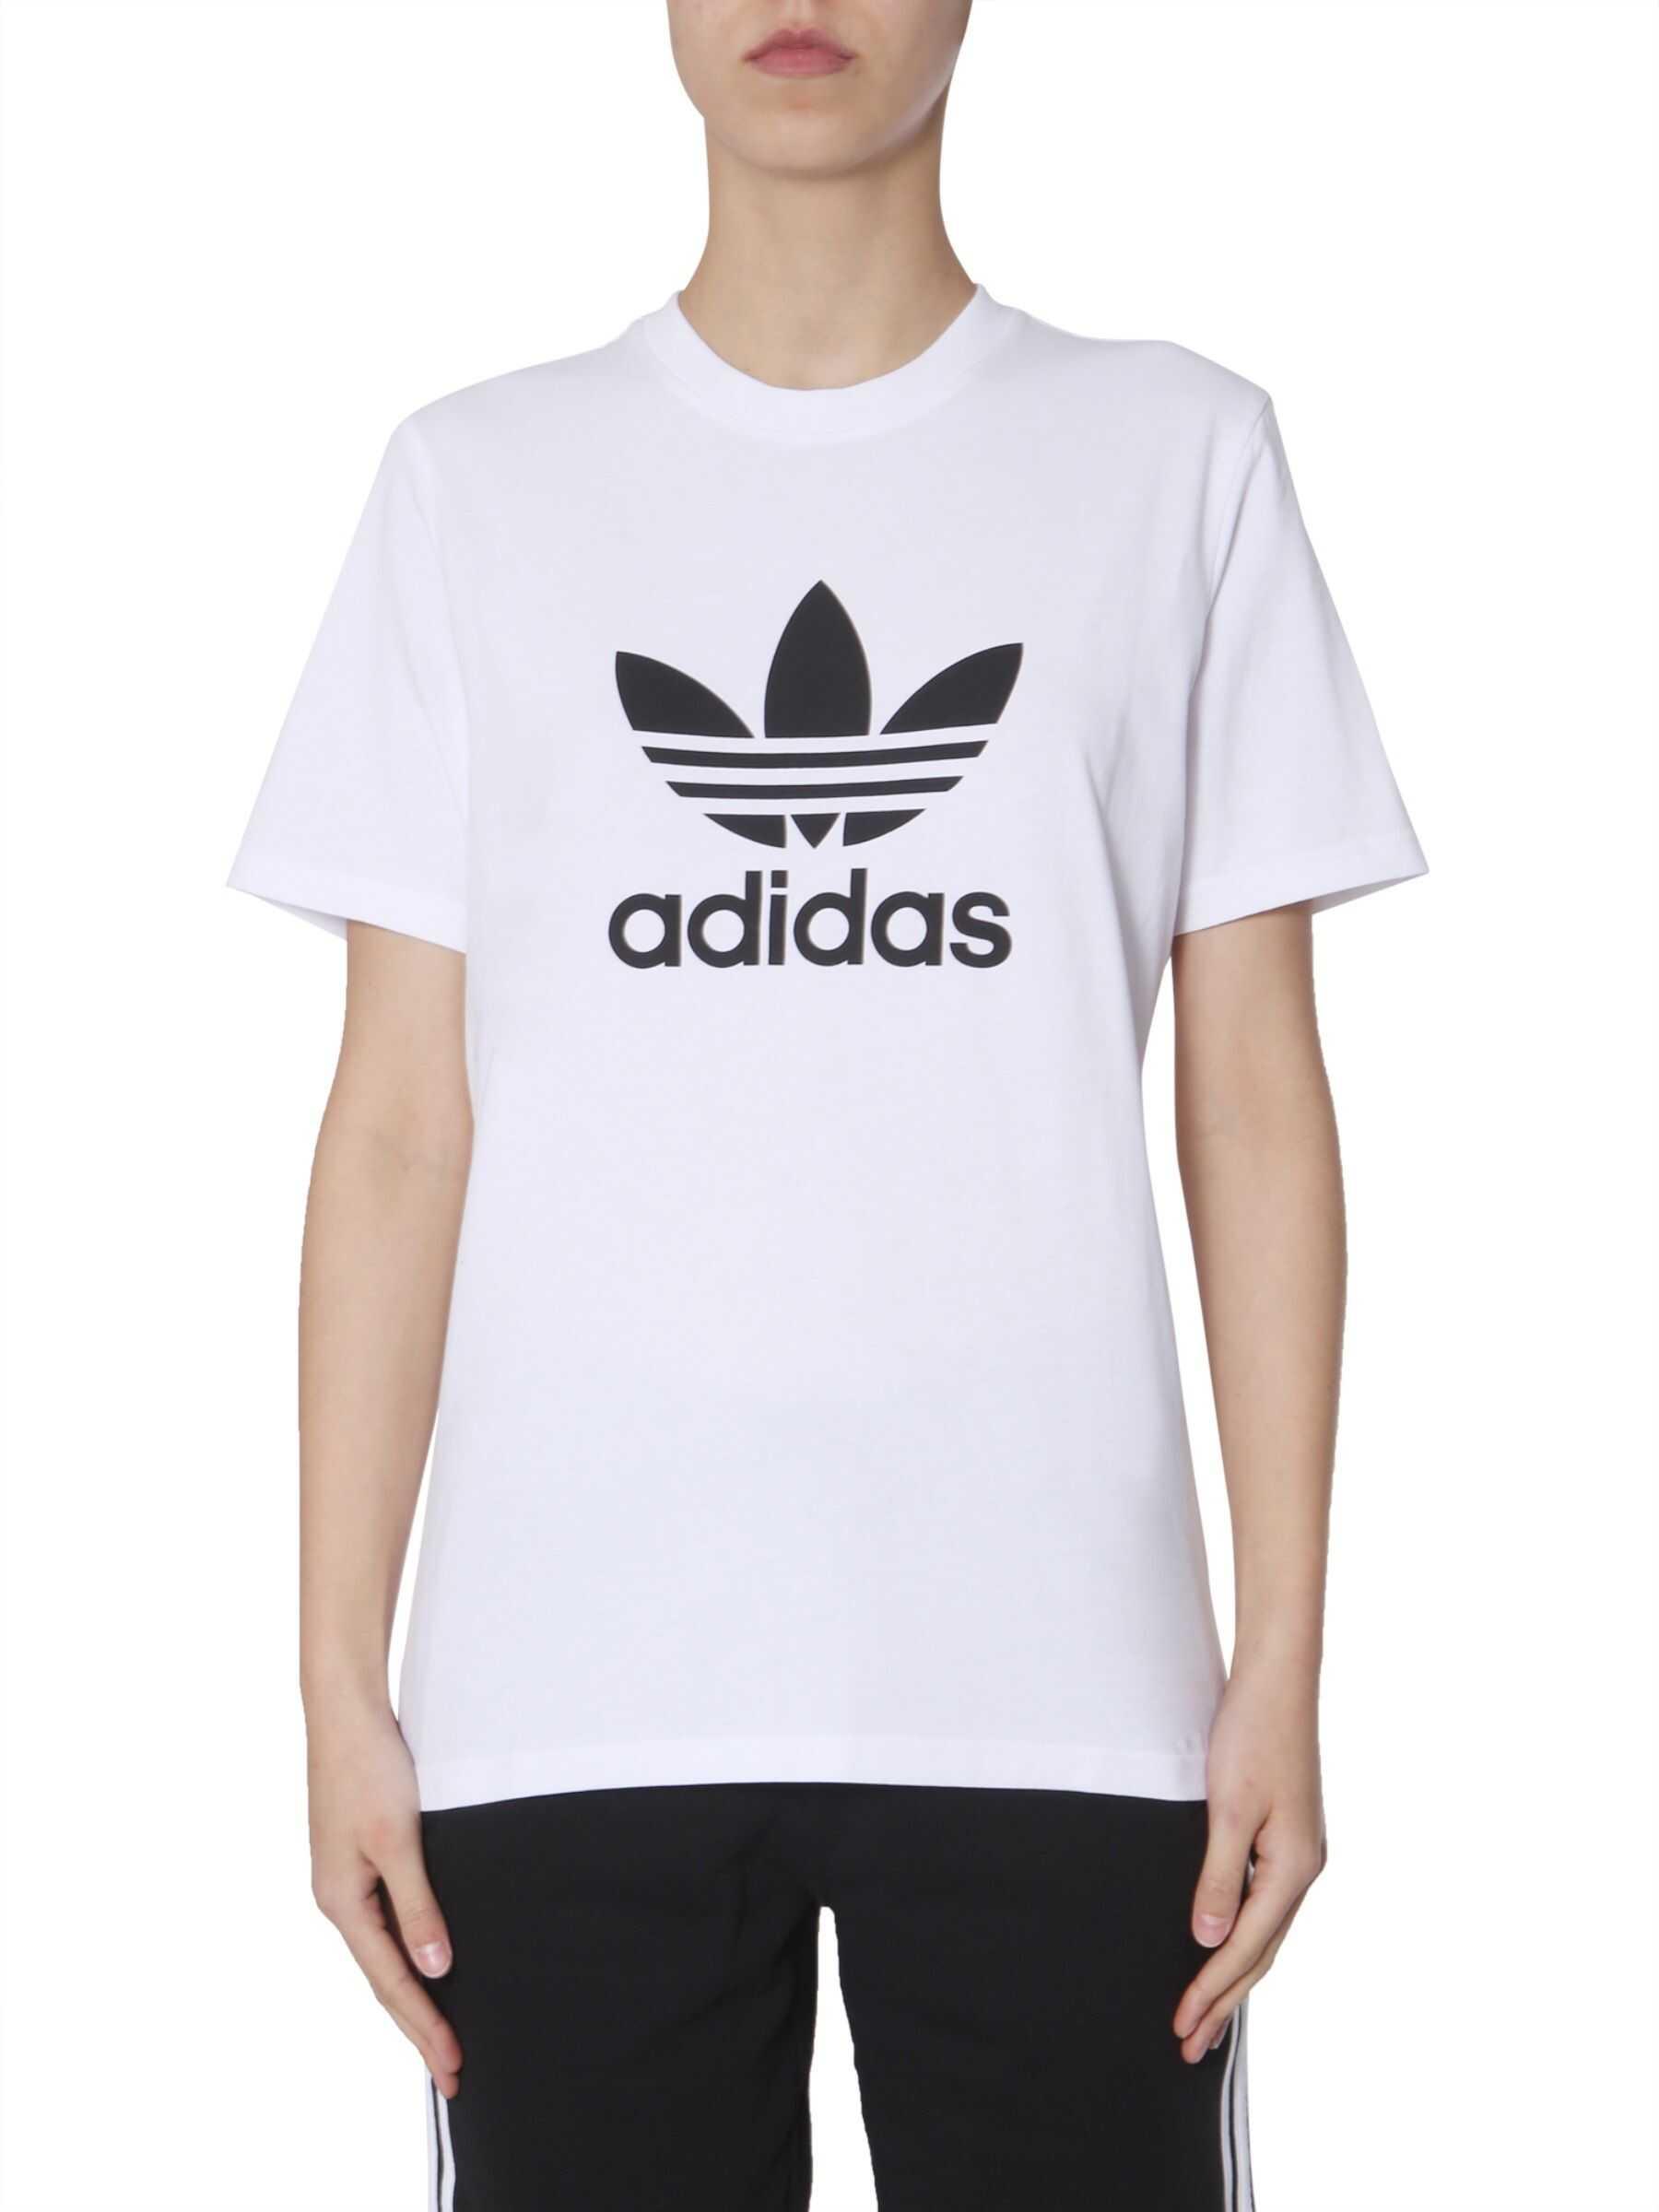 adidas Originals Crewneck T-Shirt WHITE